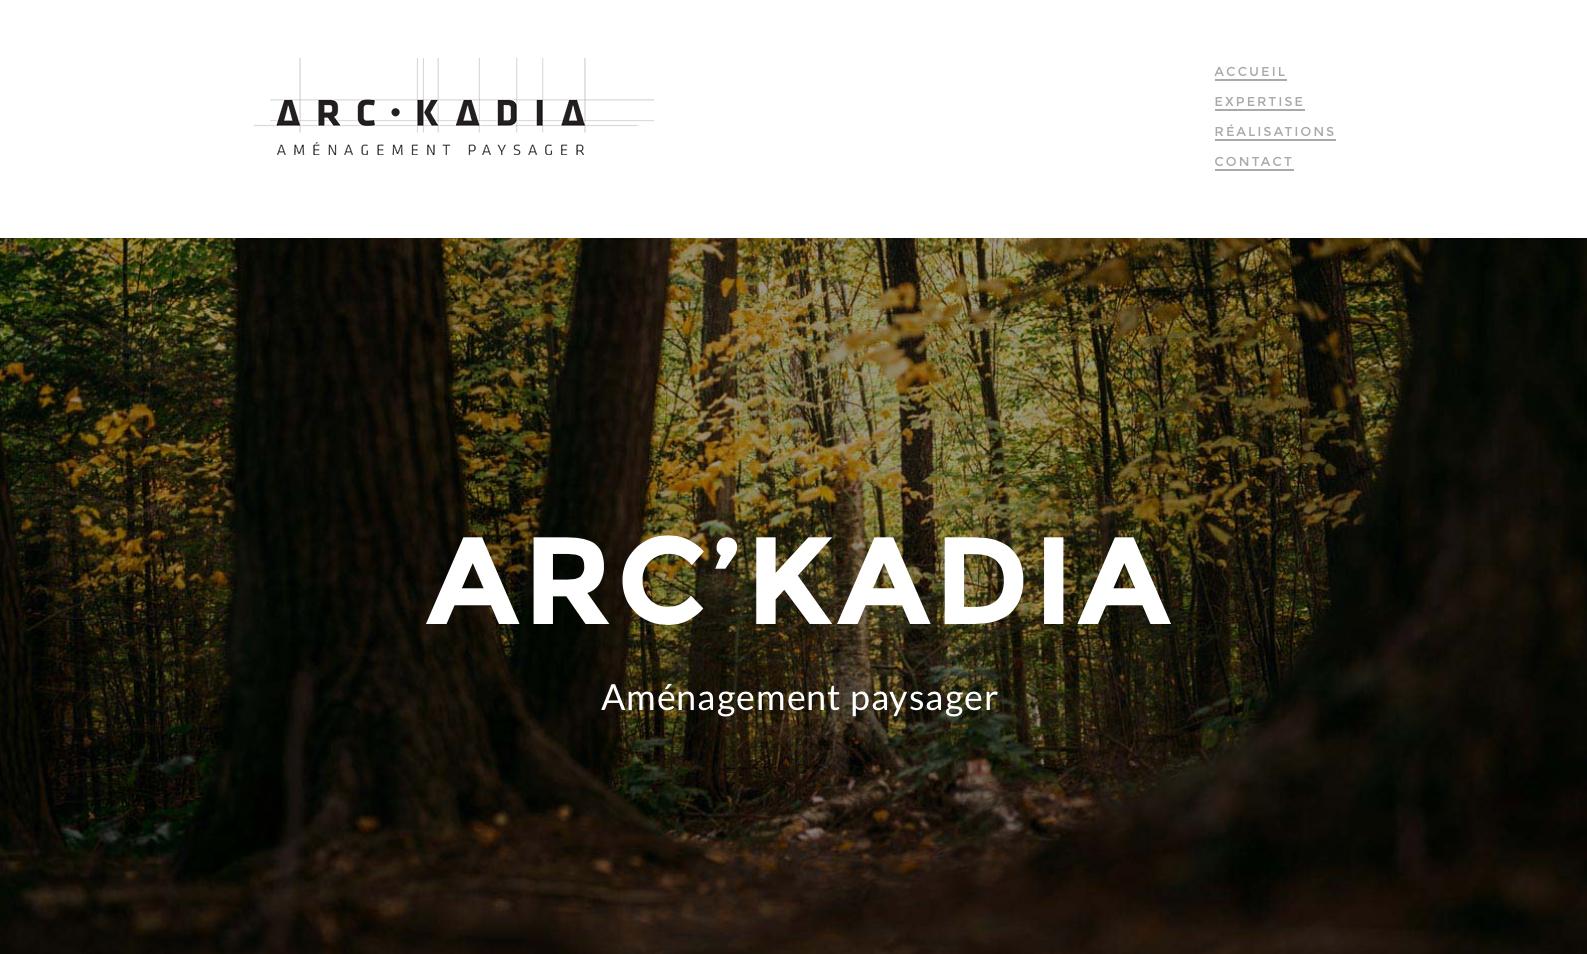 ARC'KADIA